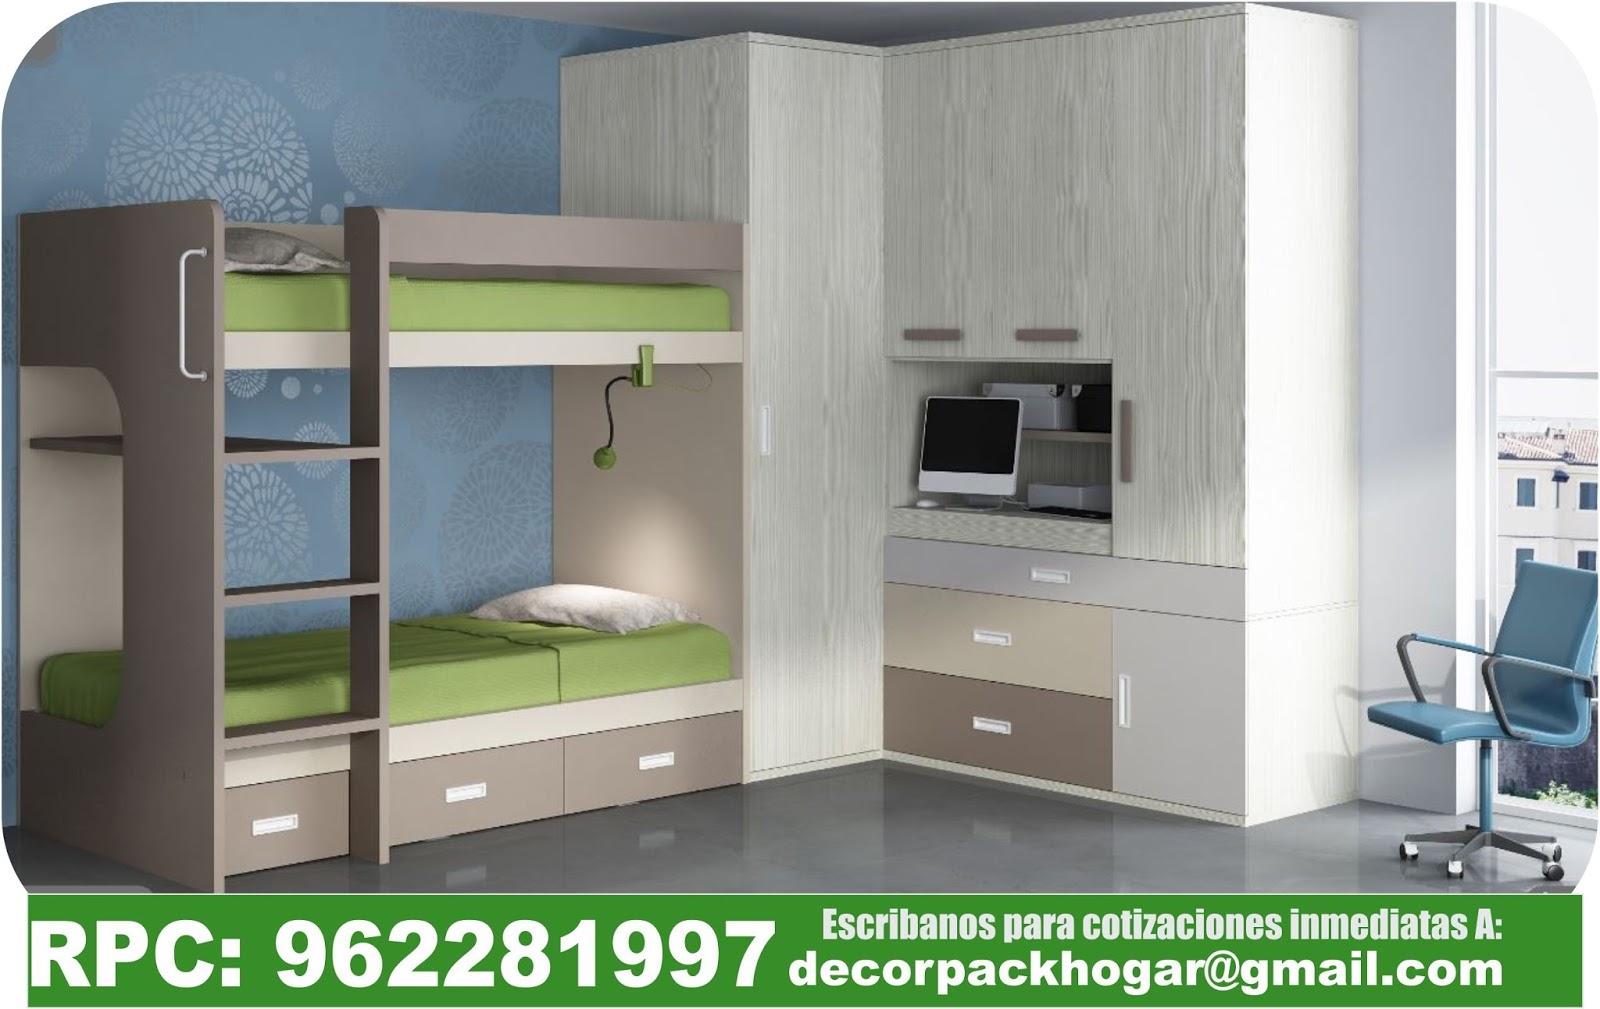 Dise os fabricacion de closet cocina y muebles de oficina for Roperos para habitaciones pequenas